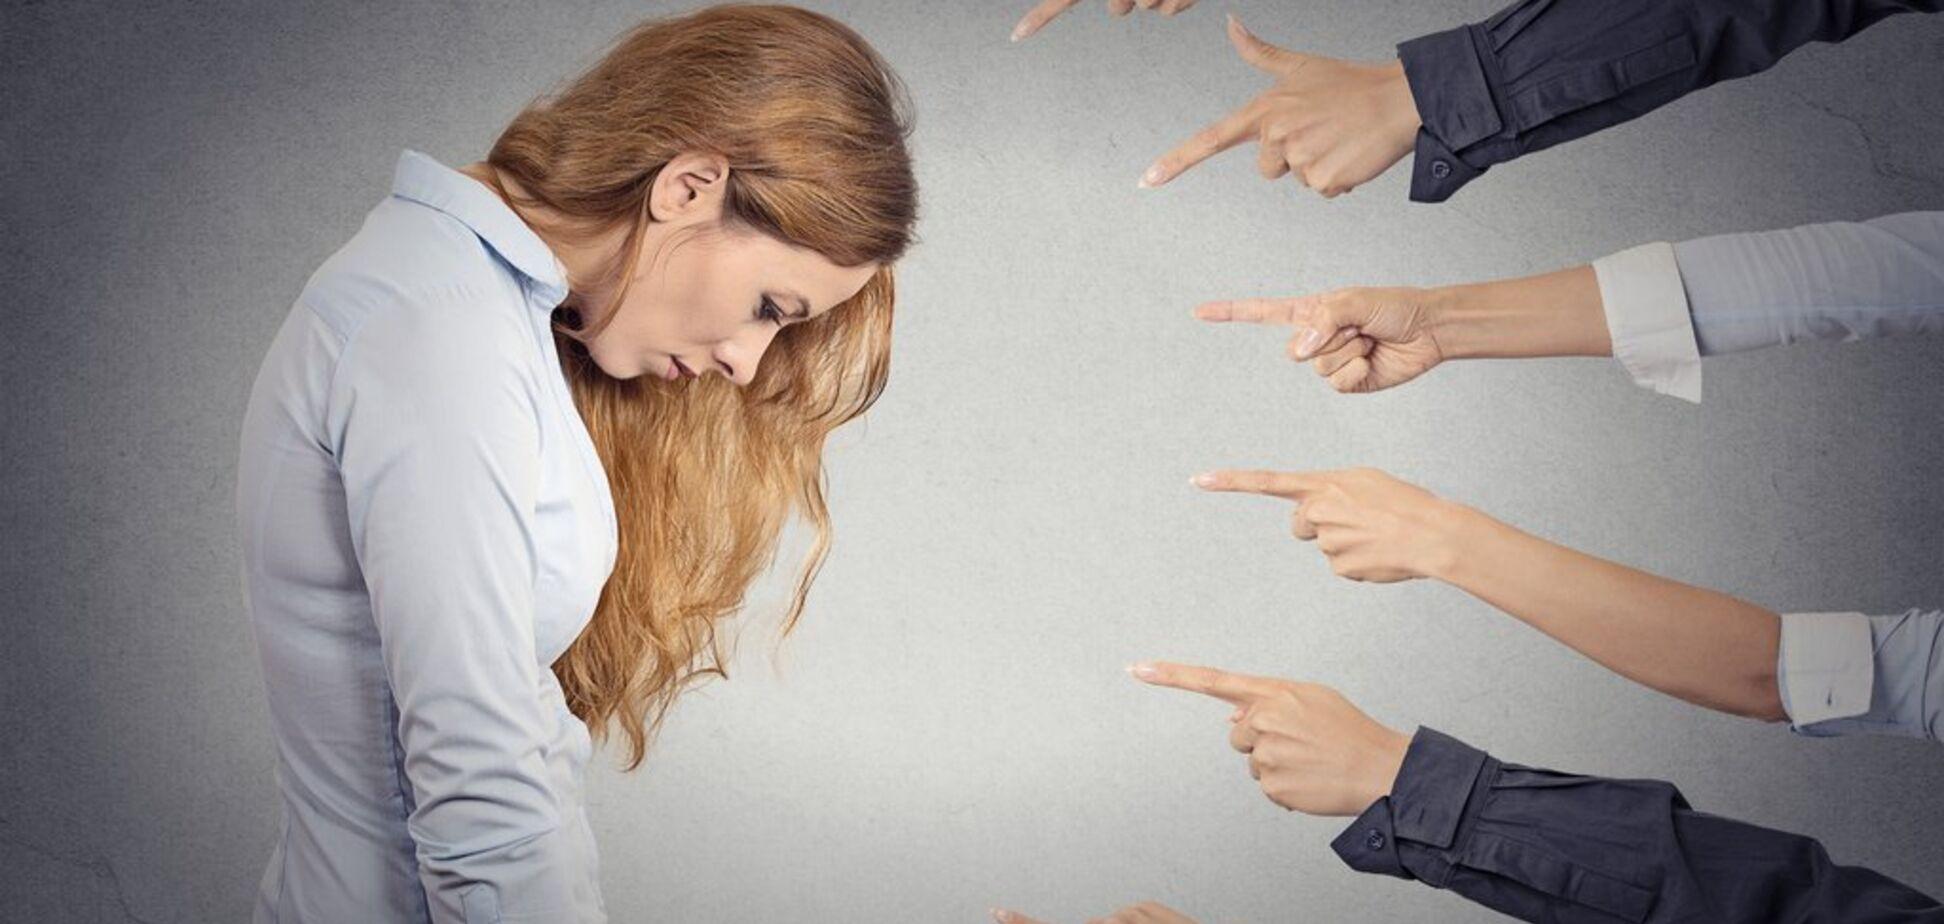 Як повернути самооцінку: психолог дала пораду невдахам